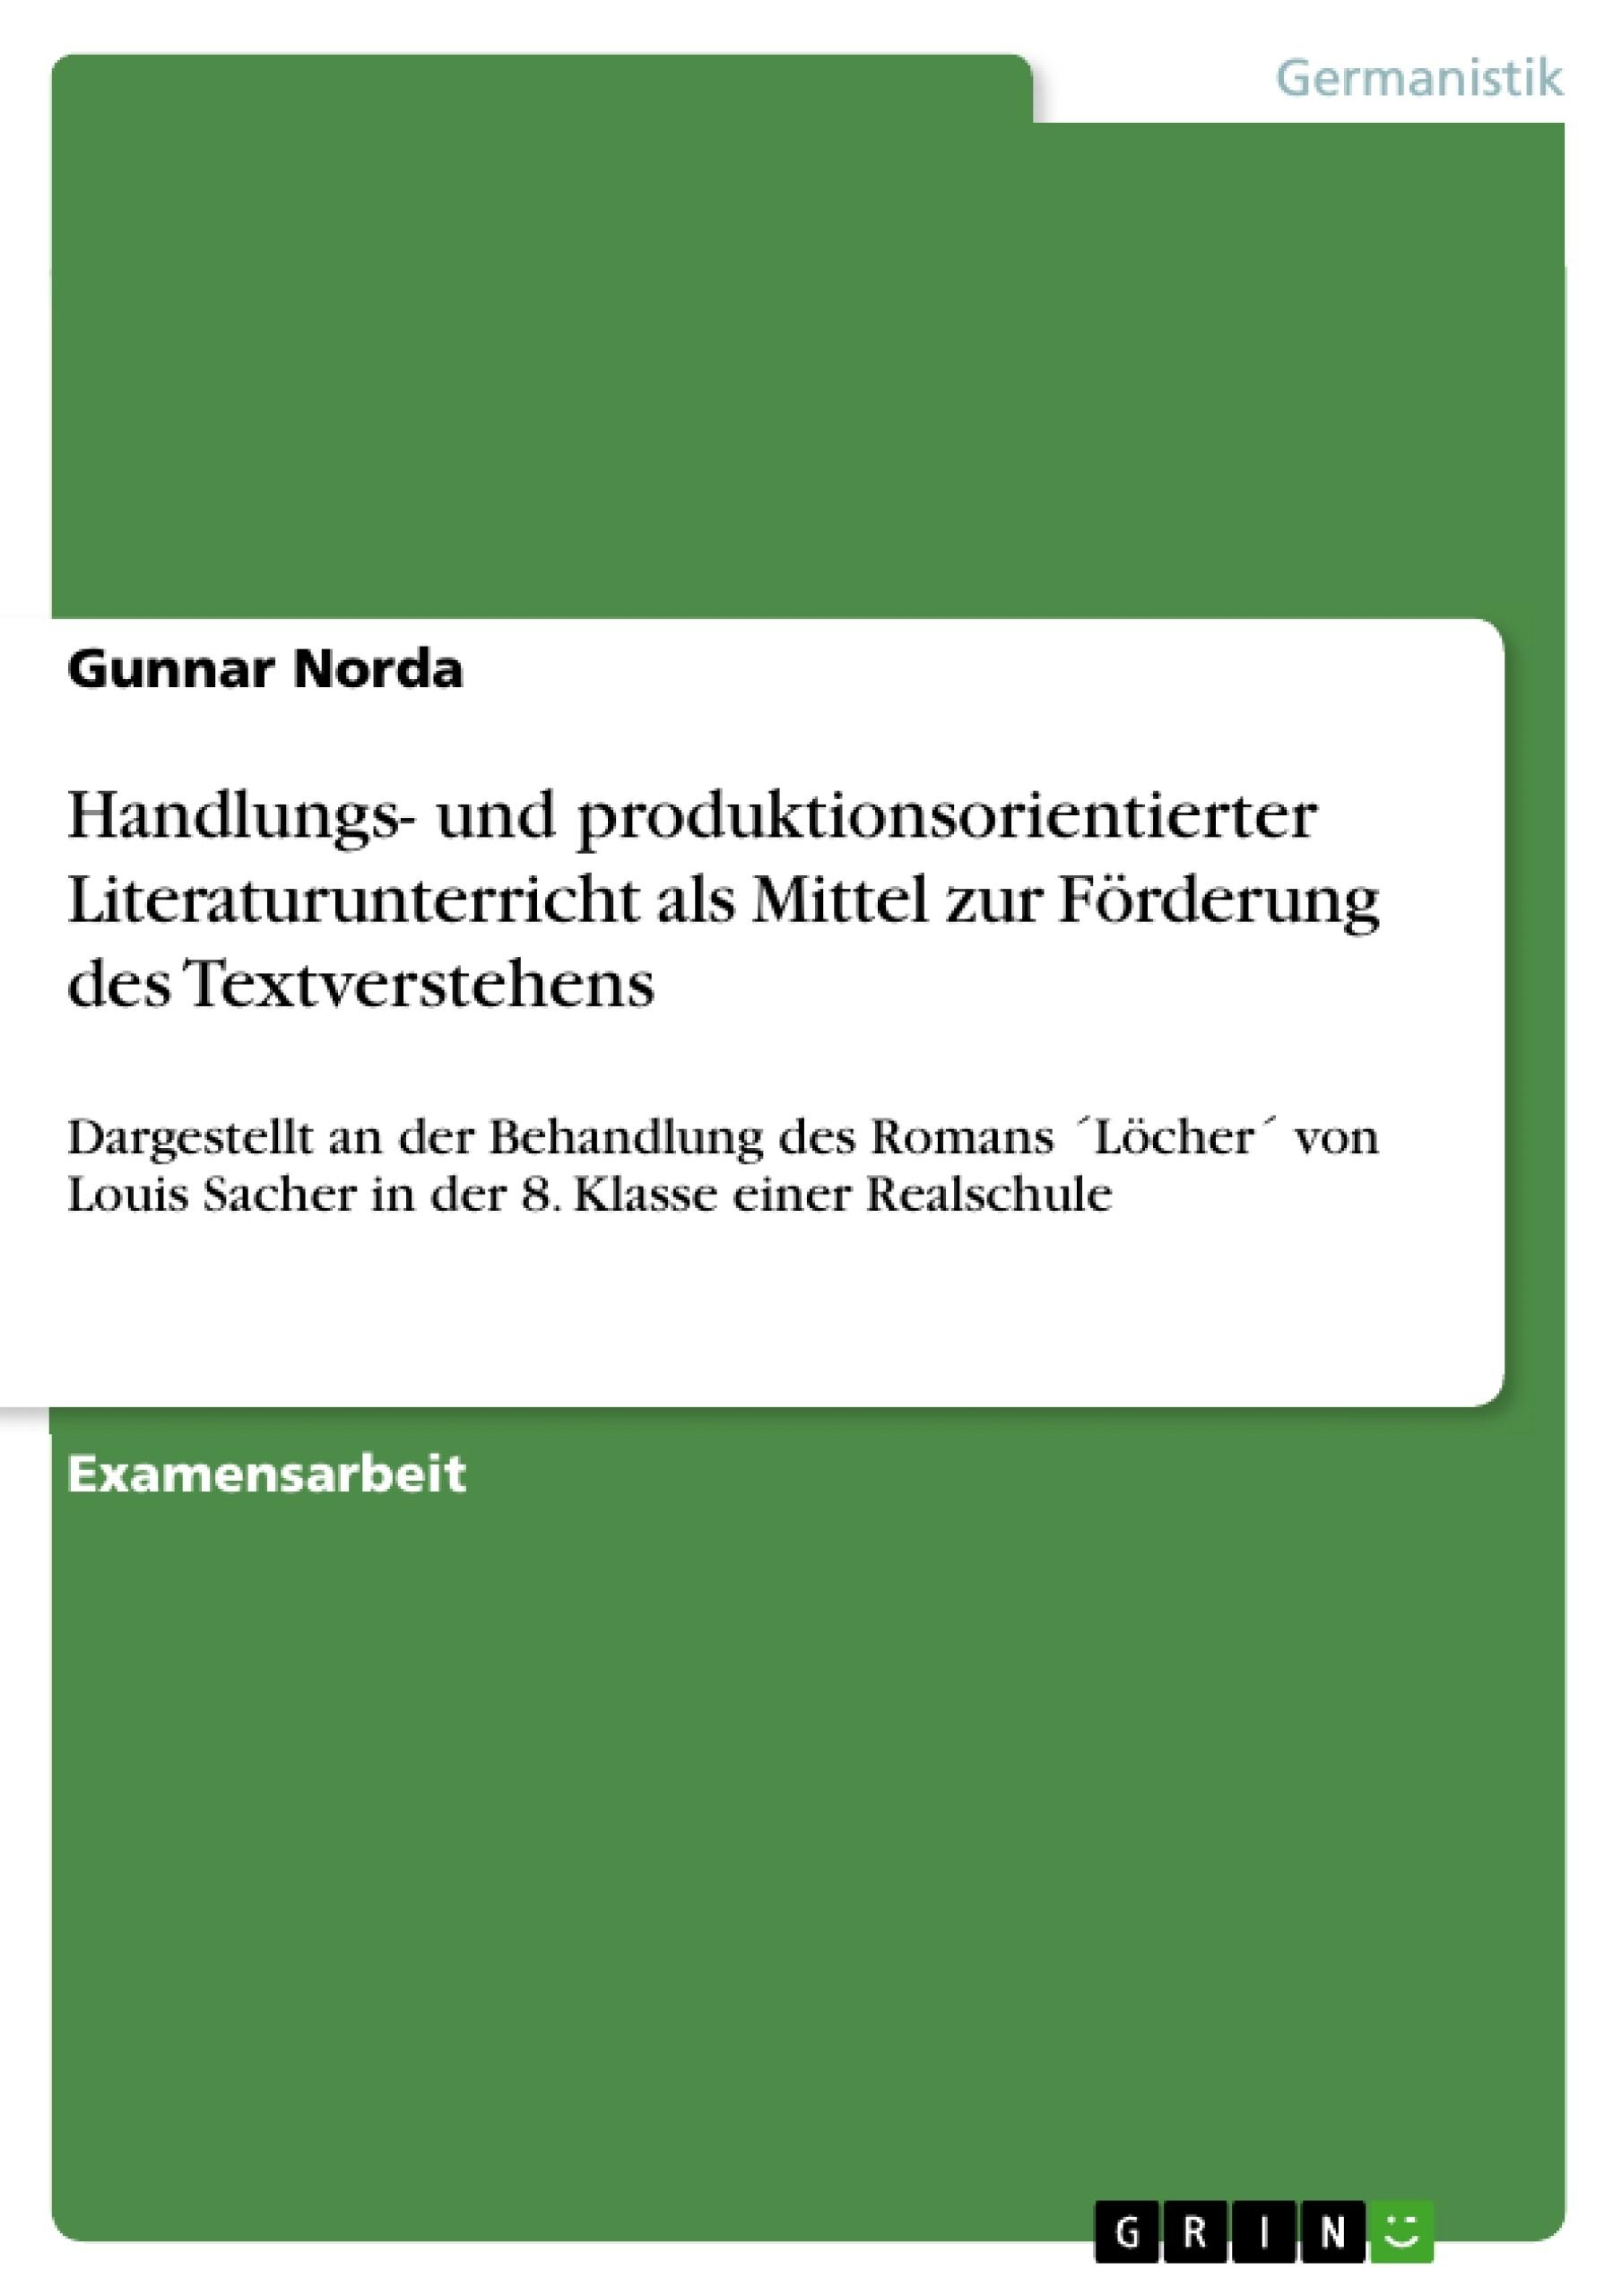 Titel: Handlungs- und produktionsorientierter Literaturunterricht als Mittel zur Förderung des Textverstehens